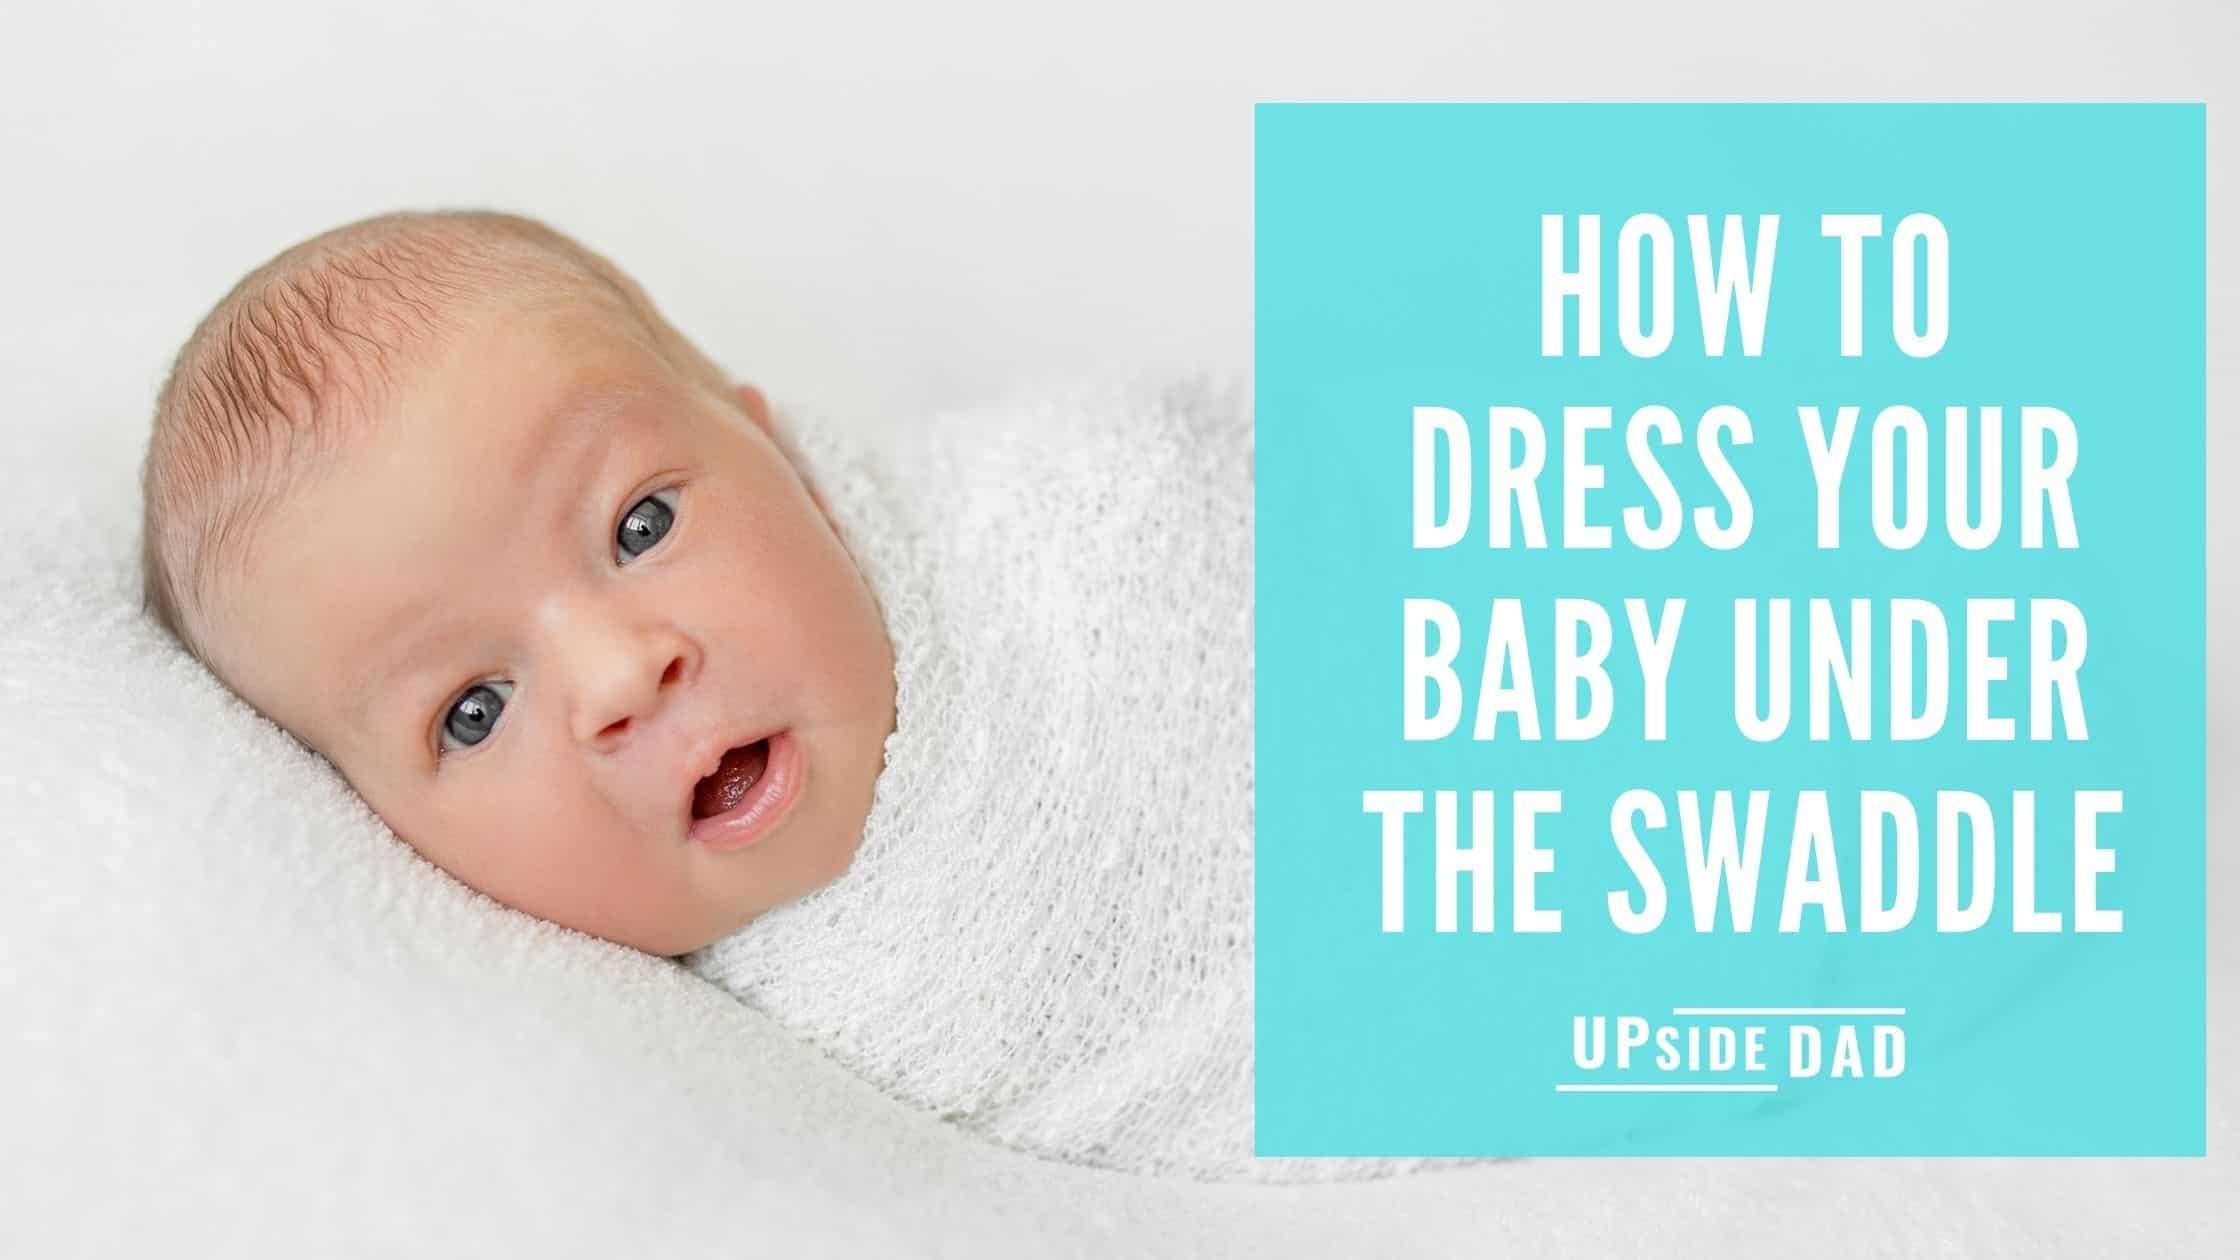 baby wear under the swaddle or sleepsack